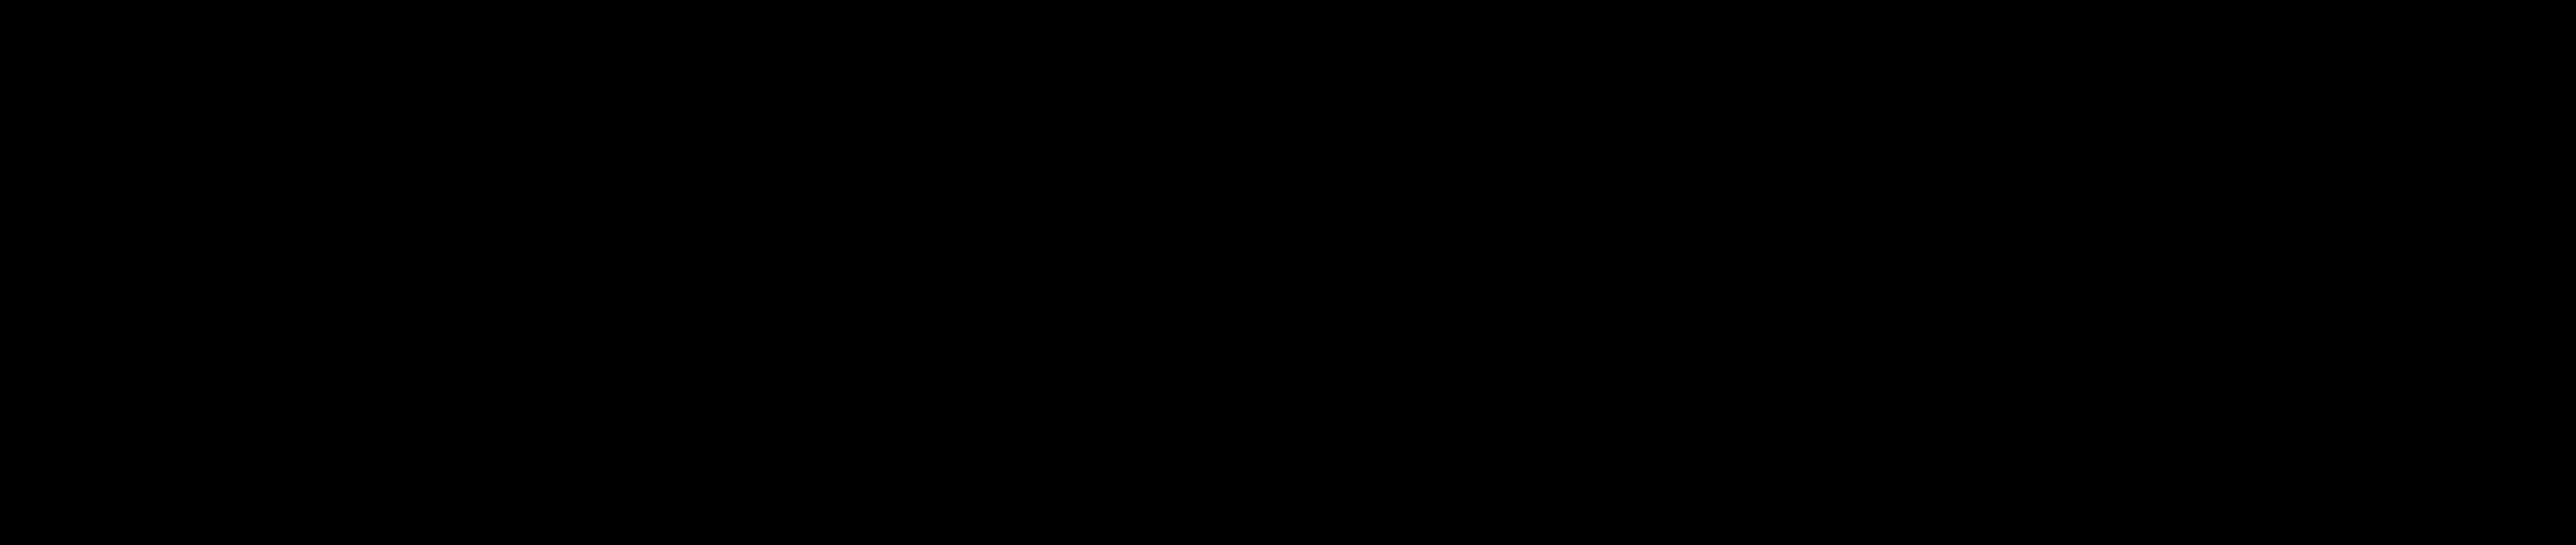 Axe. AXE logo - Axe Black Logo PNG